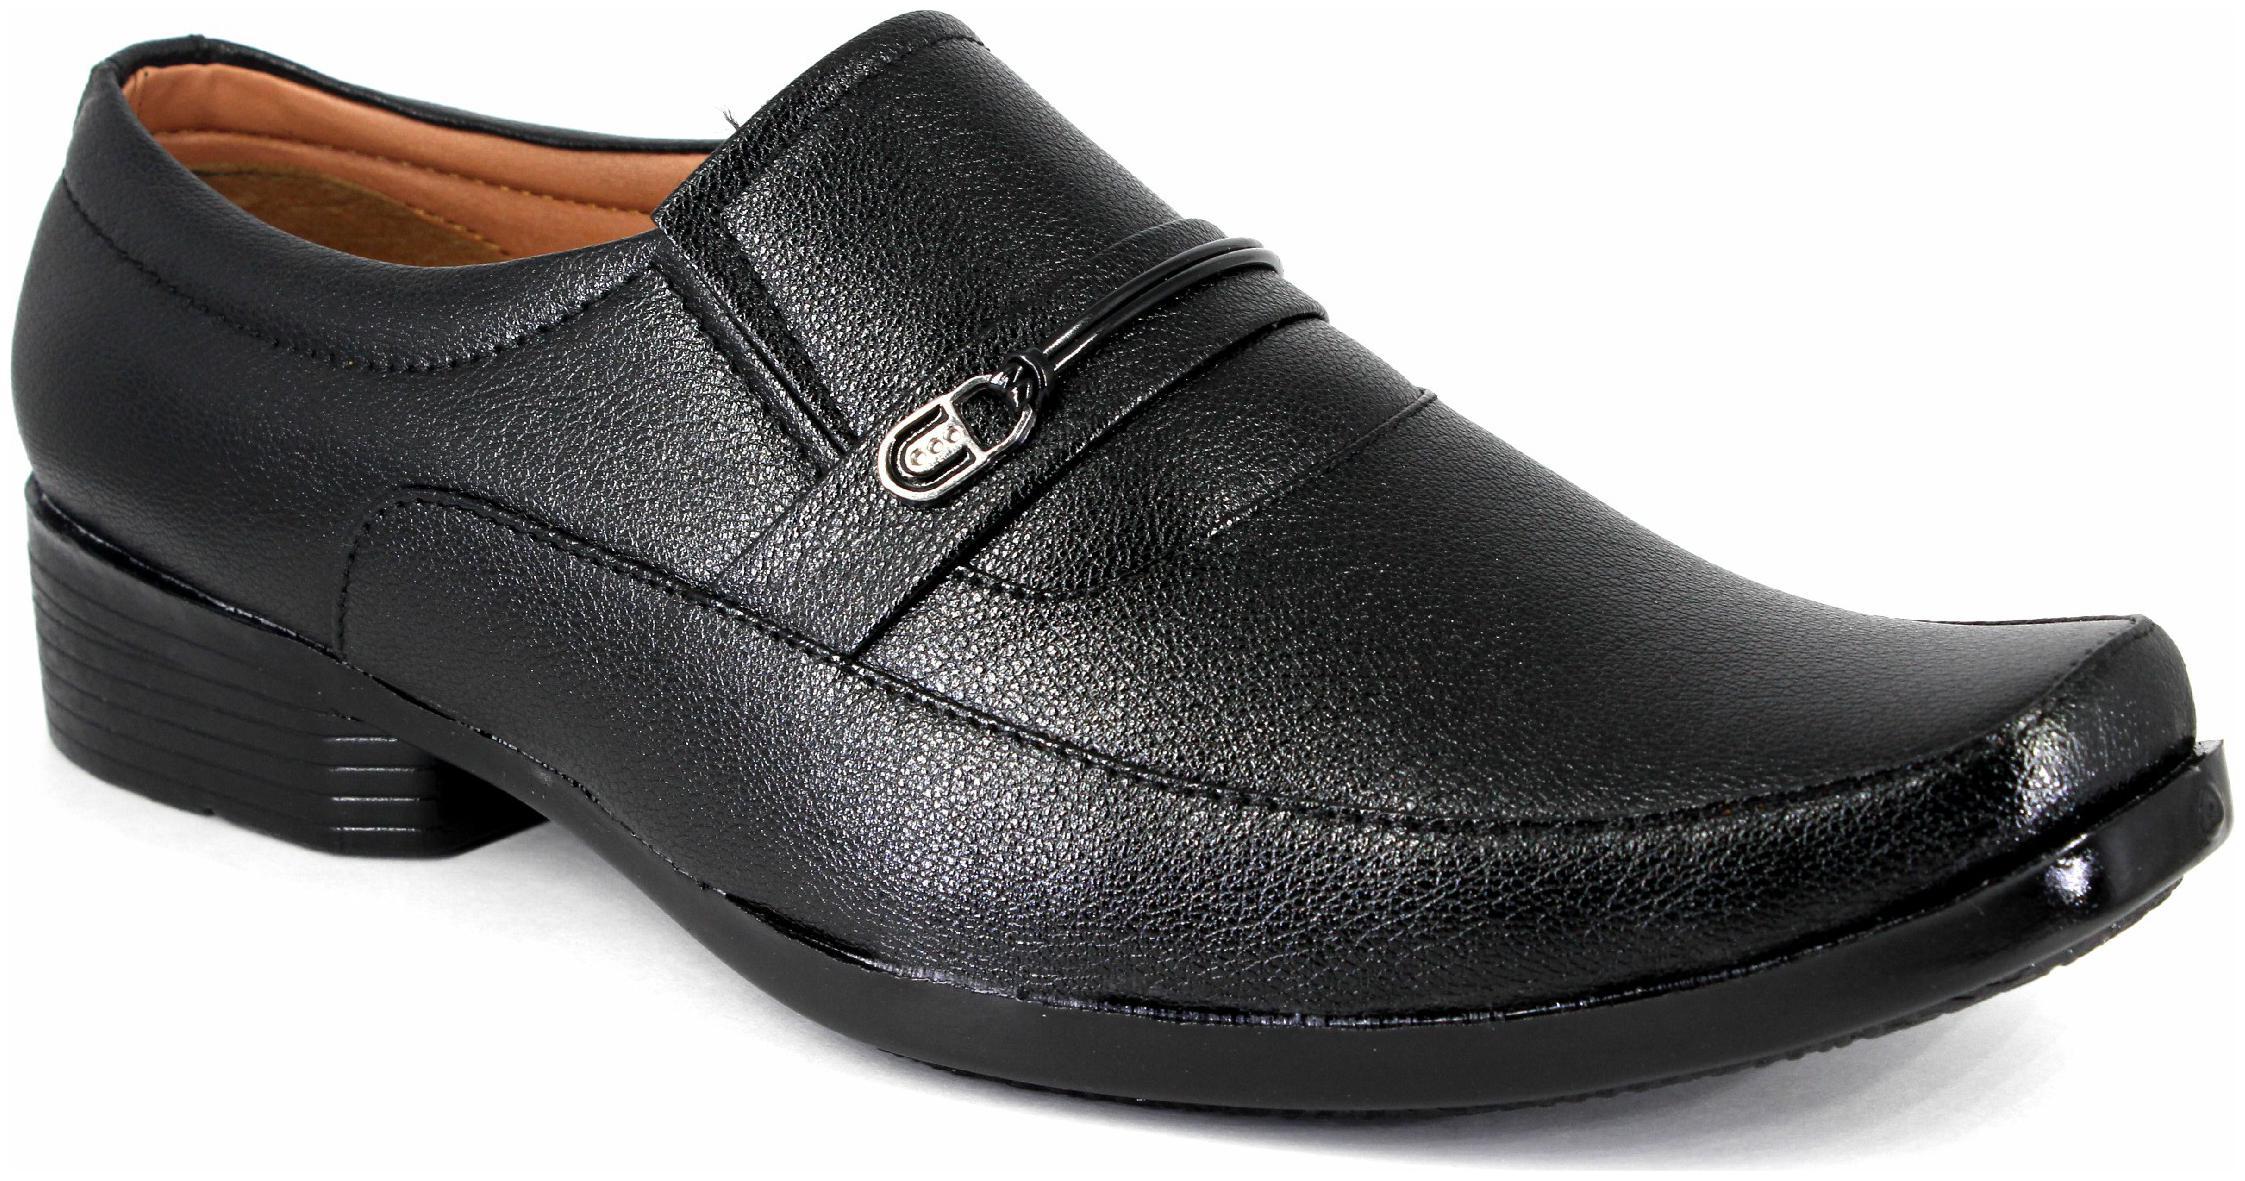 Duson Men Black Formal Shoes - Du1025 1